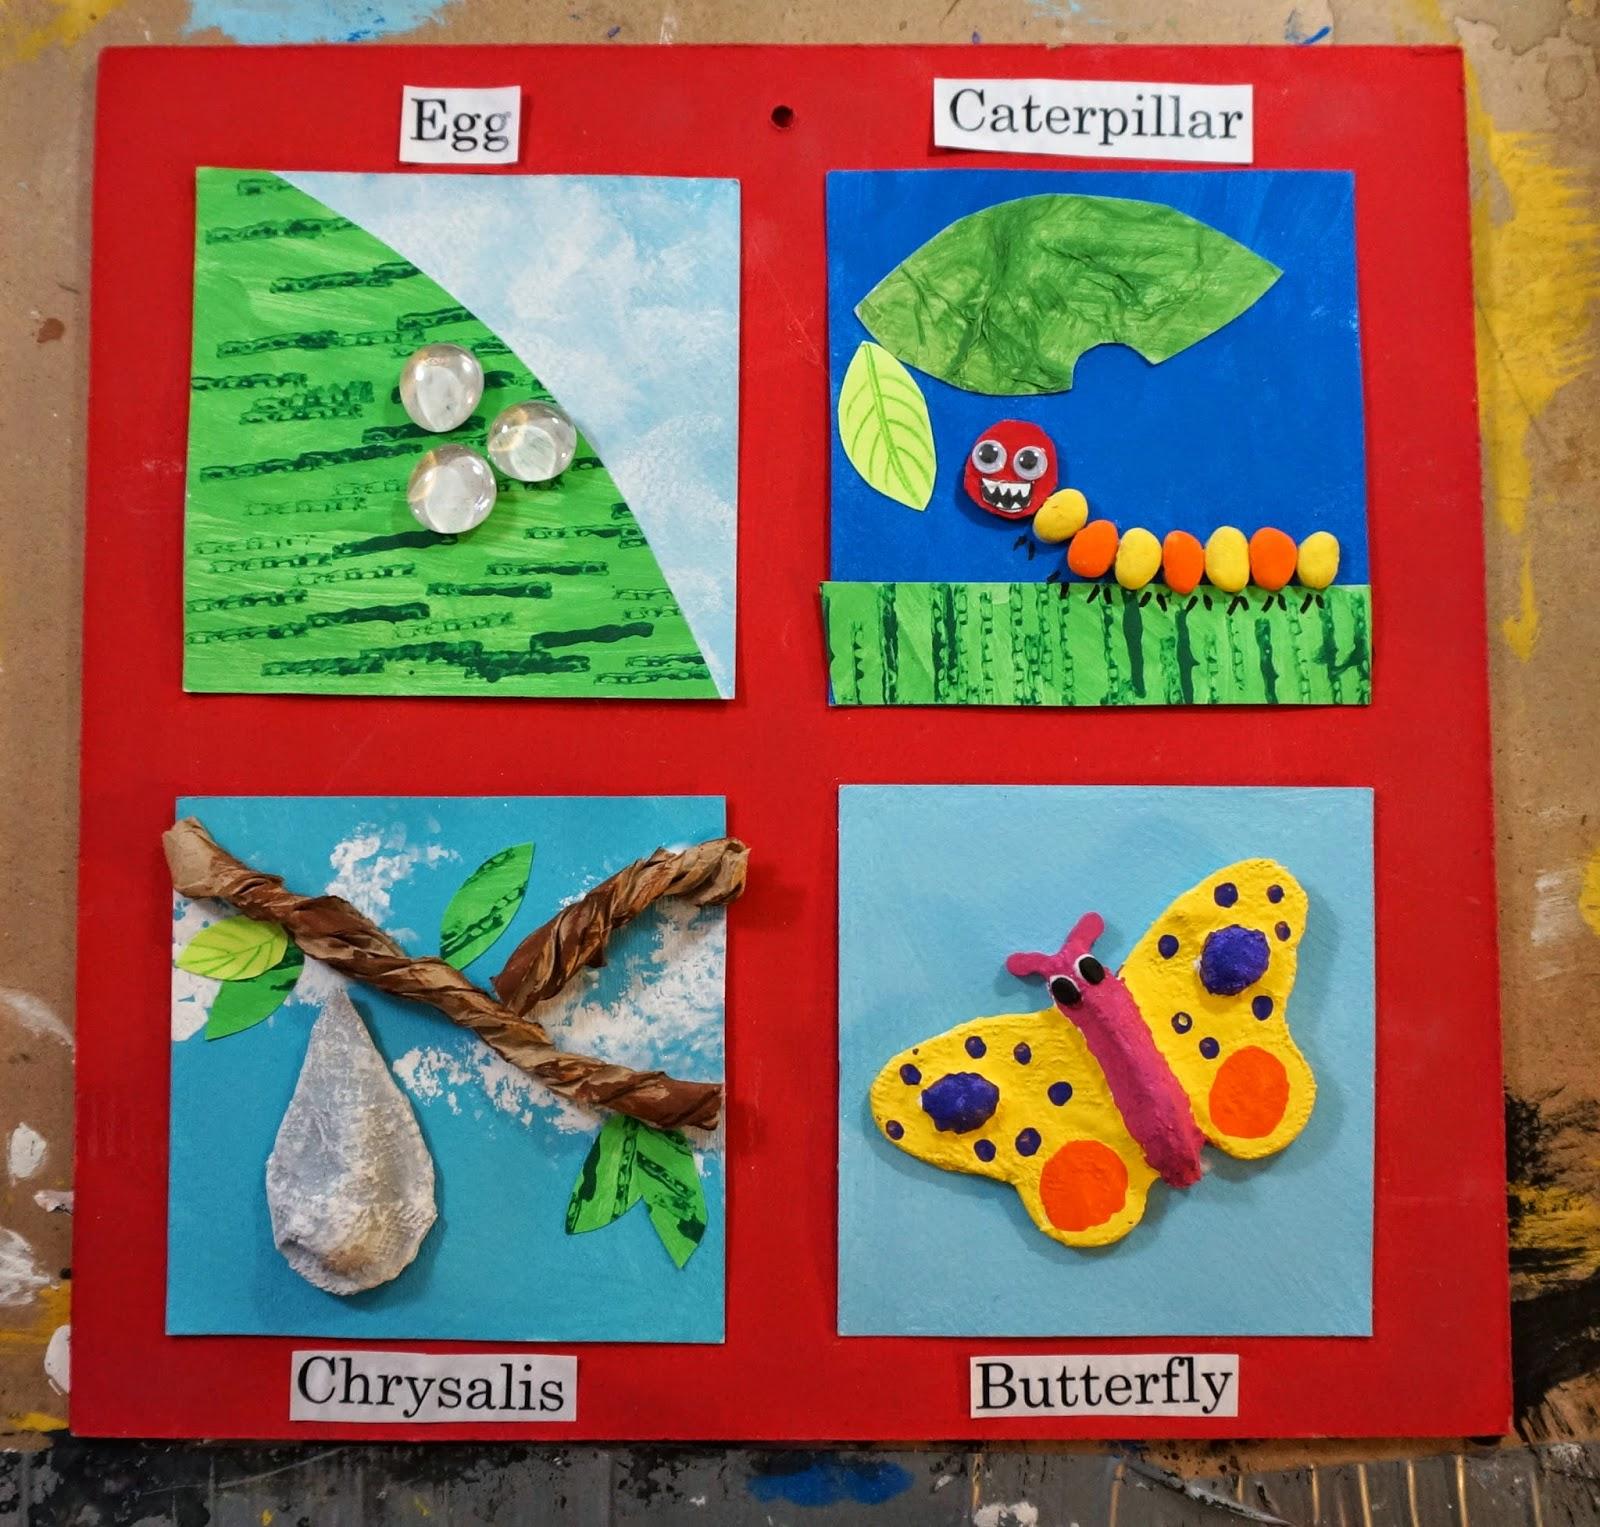 蚂蚁手工制作卡纸图片